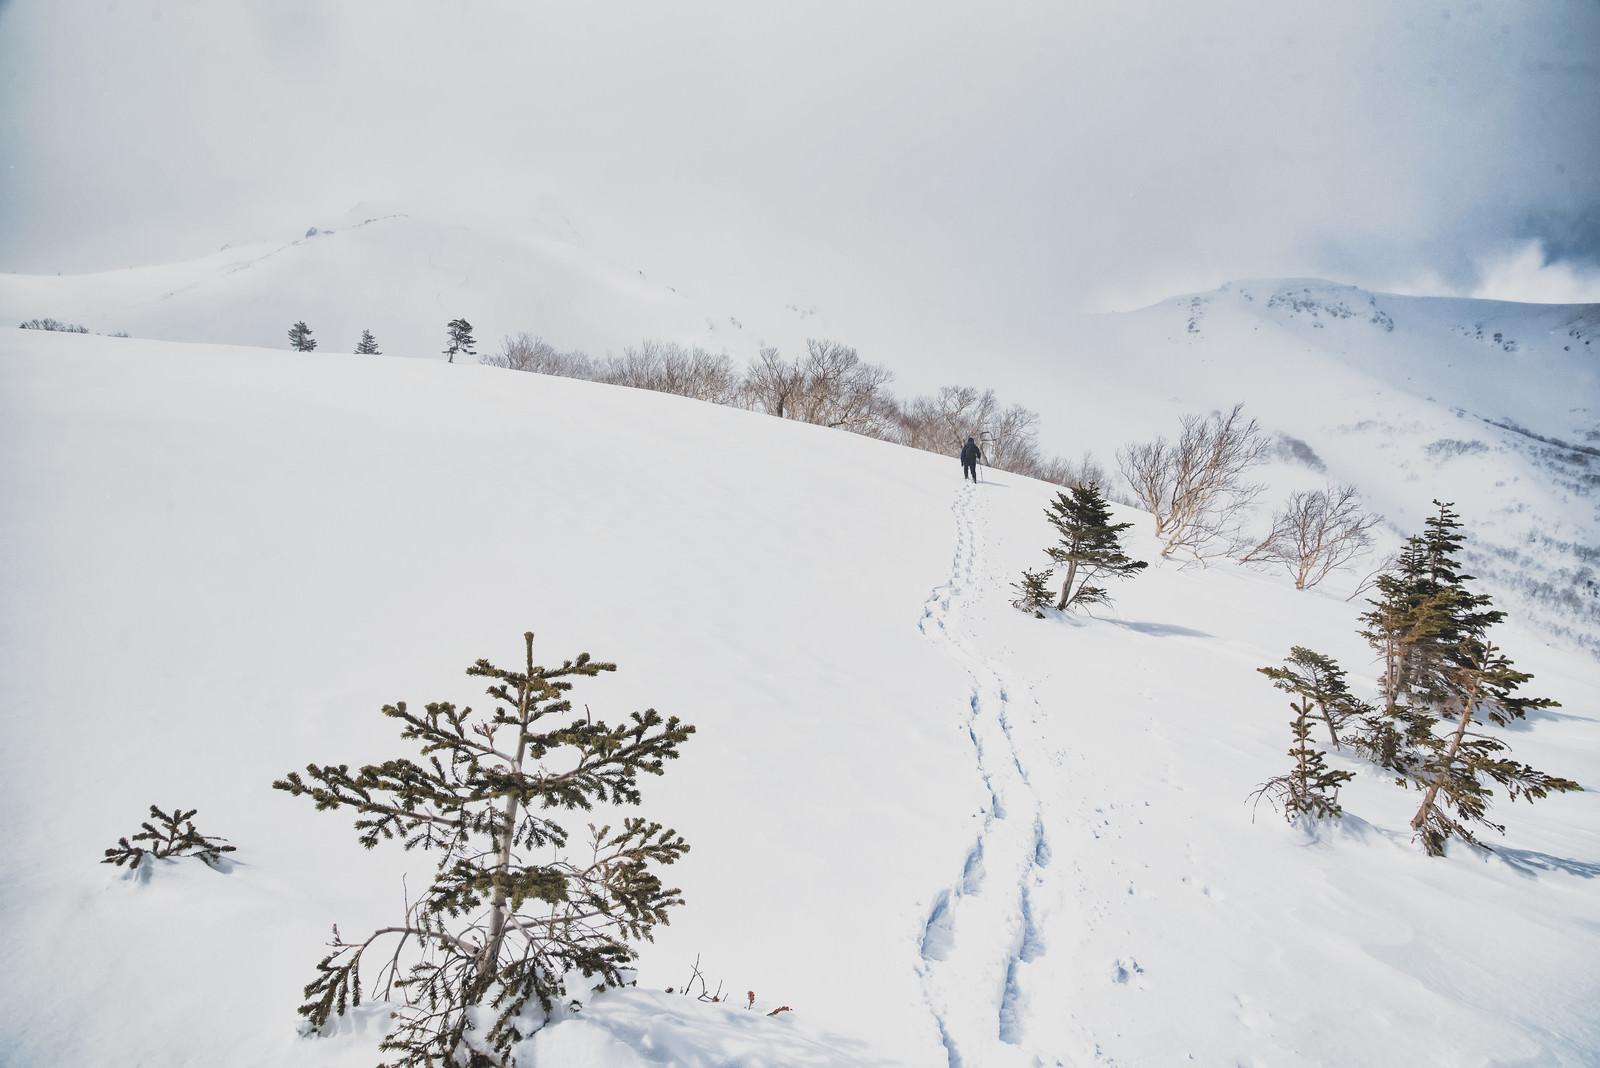 「厳冬の雪原へ向かう登山者の足跡」の写真